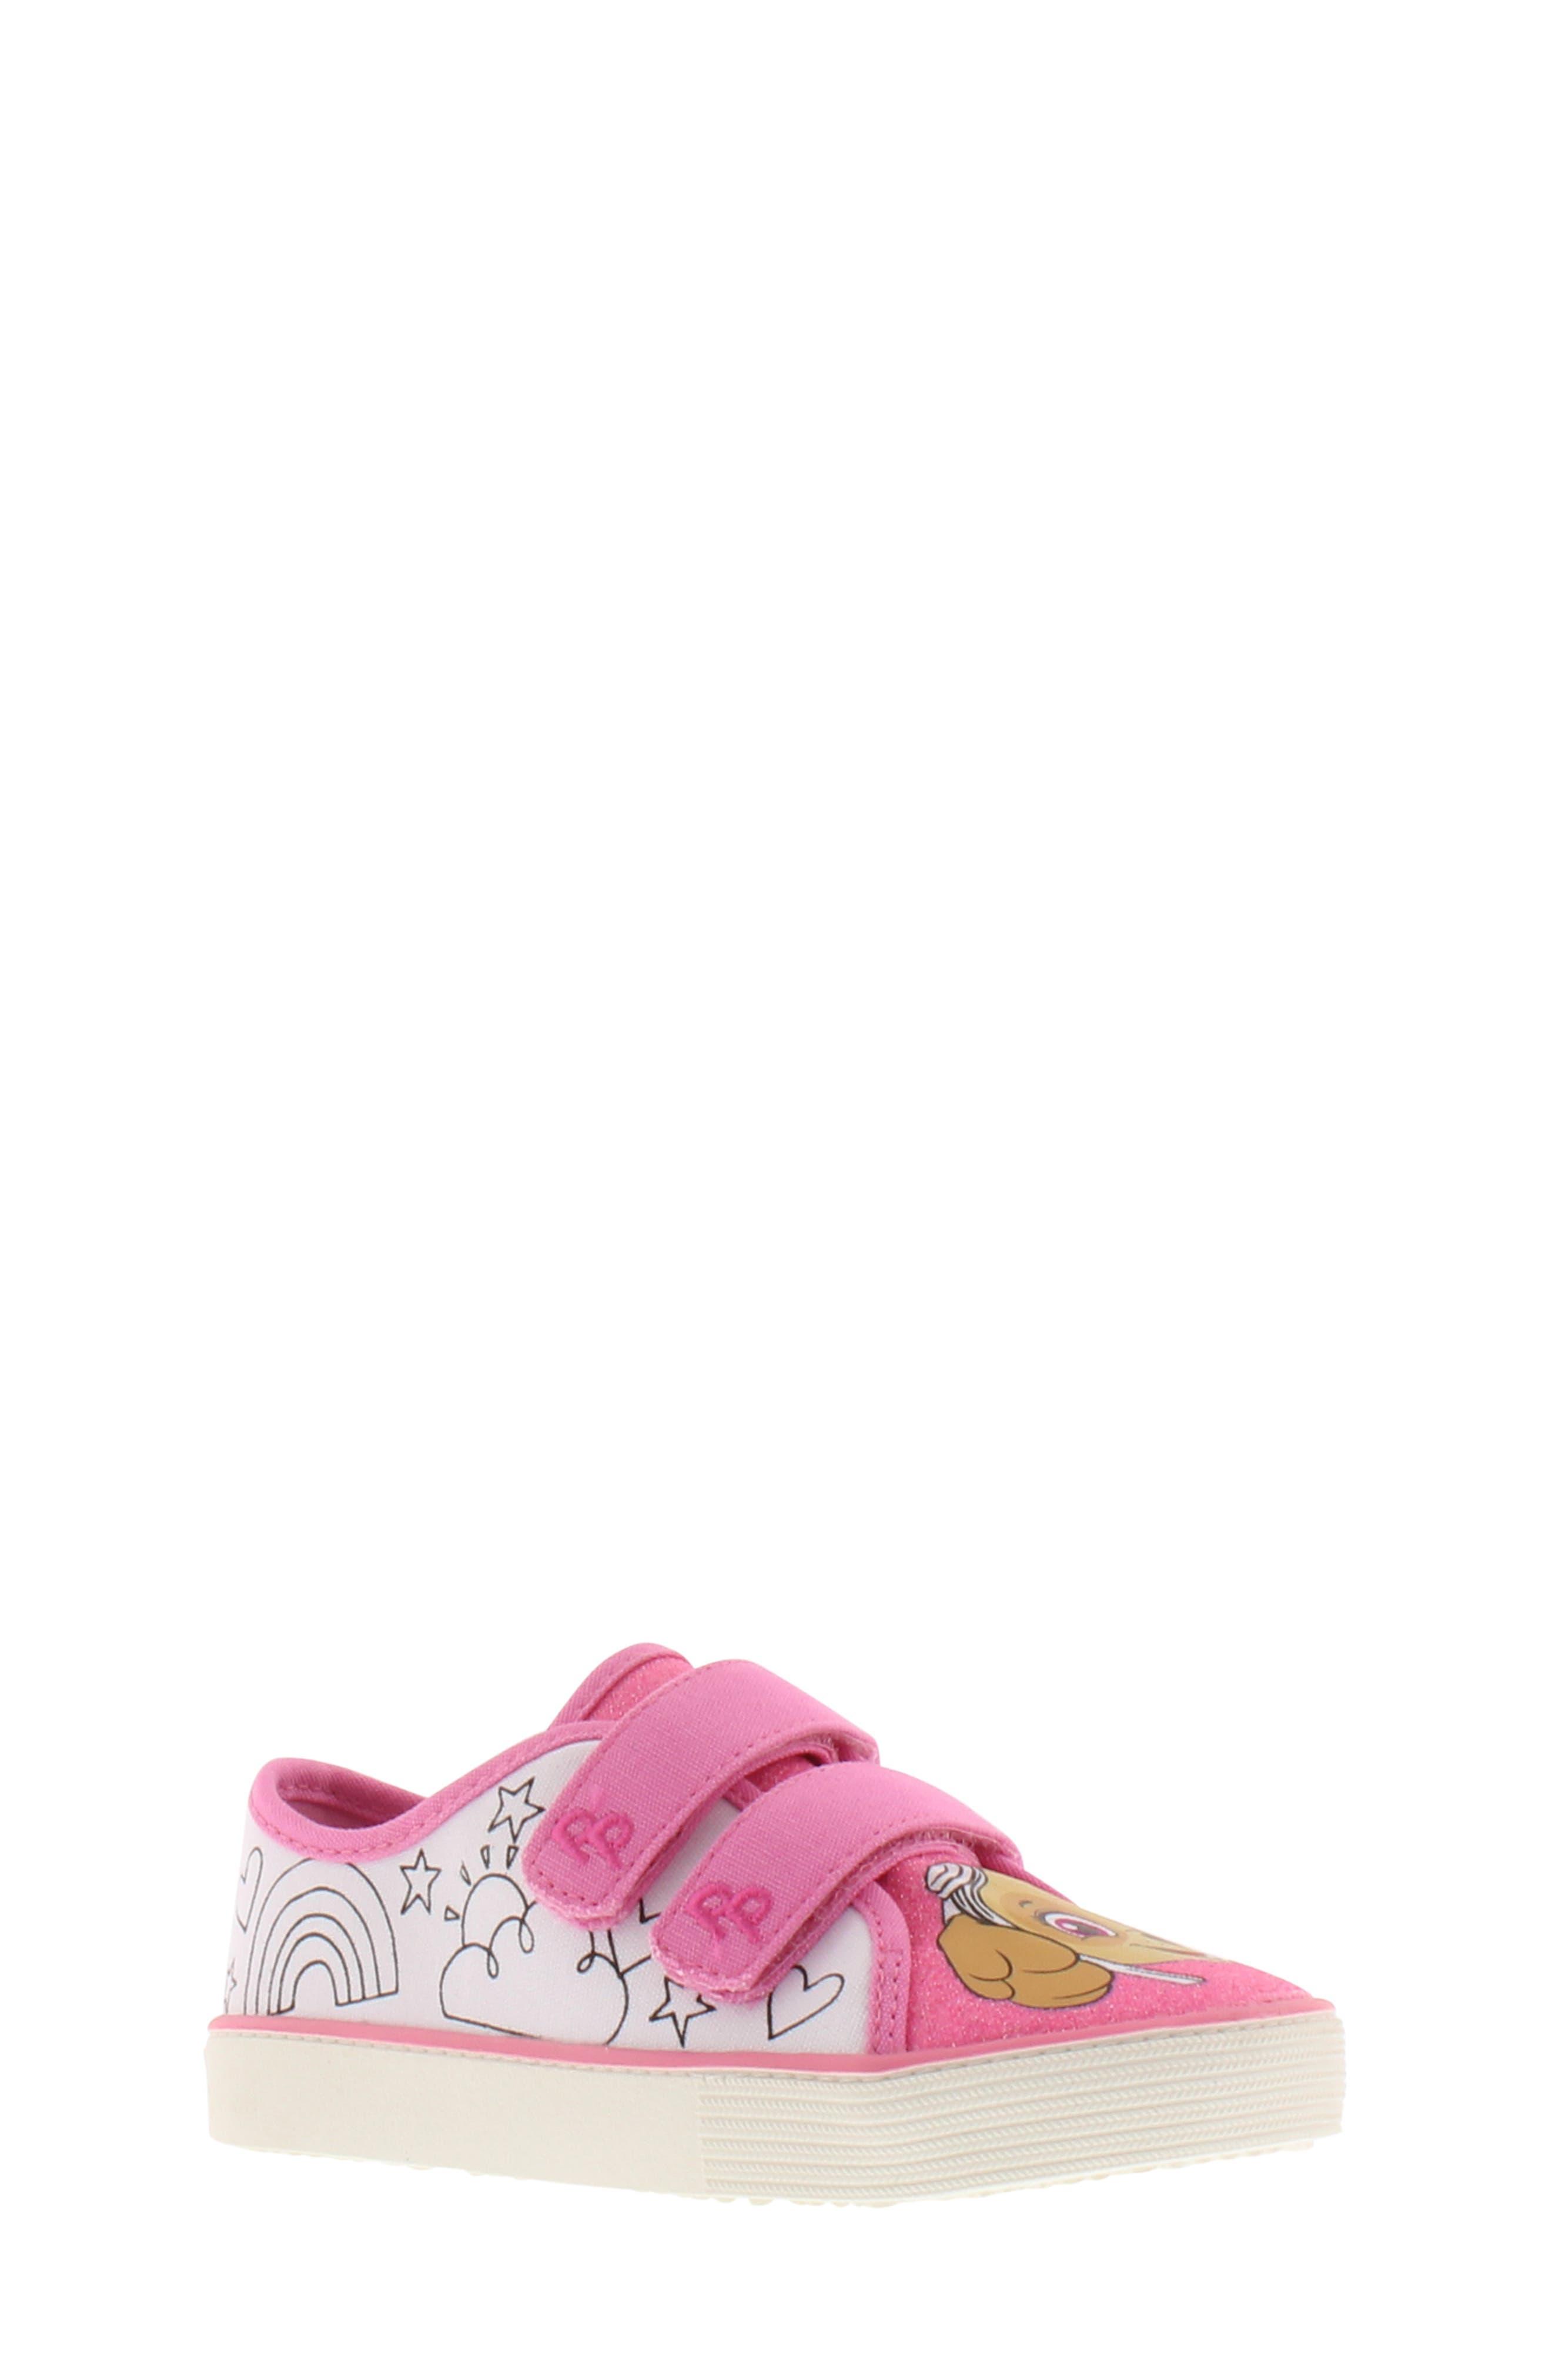 PAW PATROL, Skye Color DIY Sneaker, Main thumbnail 1, color, 685